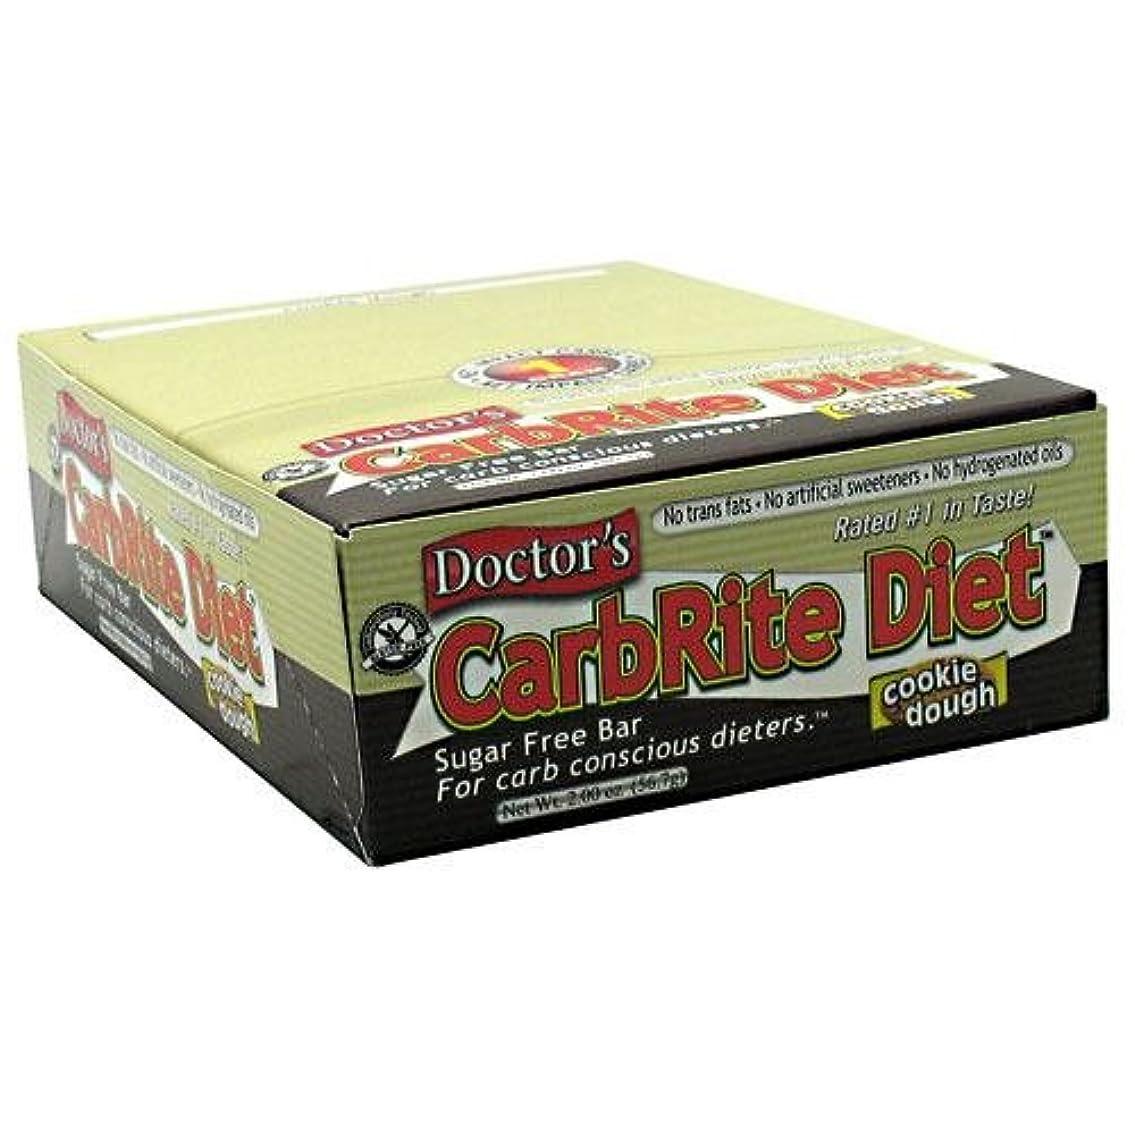 眉ジョイント日焼けUniversal Nutrition, Doctor's CarbRite Diet, Chocolate Caramel Nut, 12 Bars, 2.0 oz (56.7 g) Each